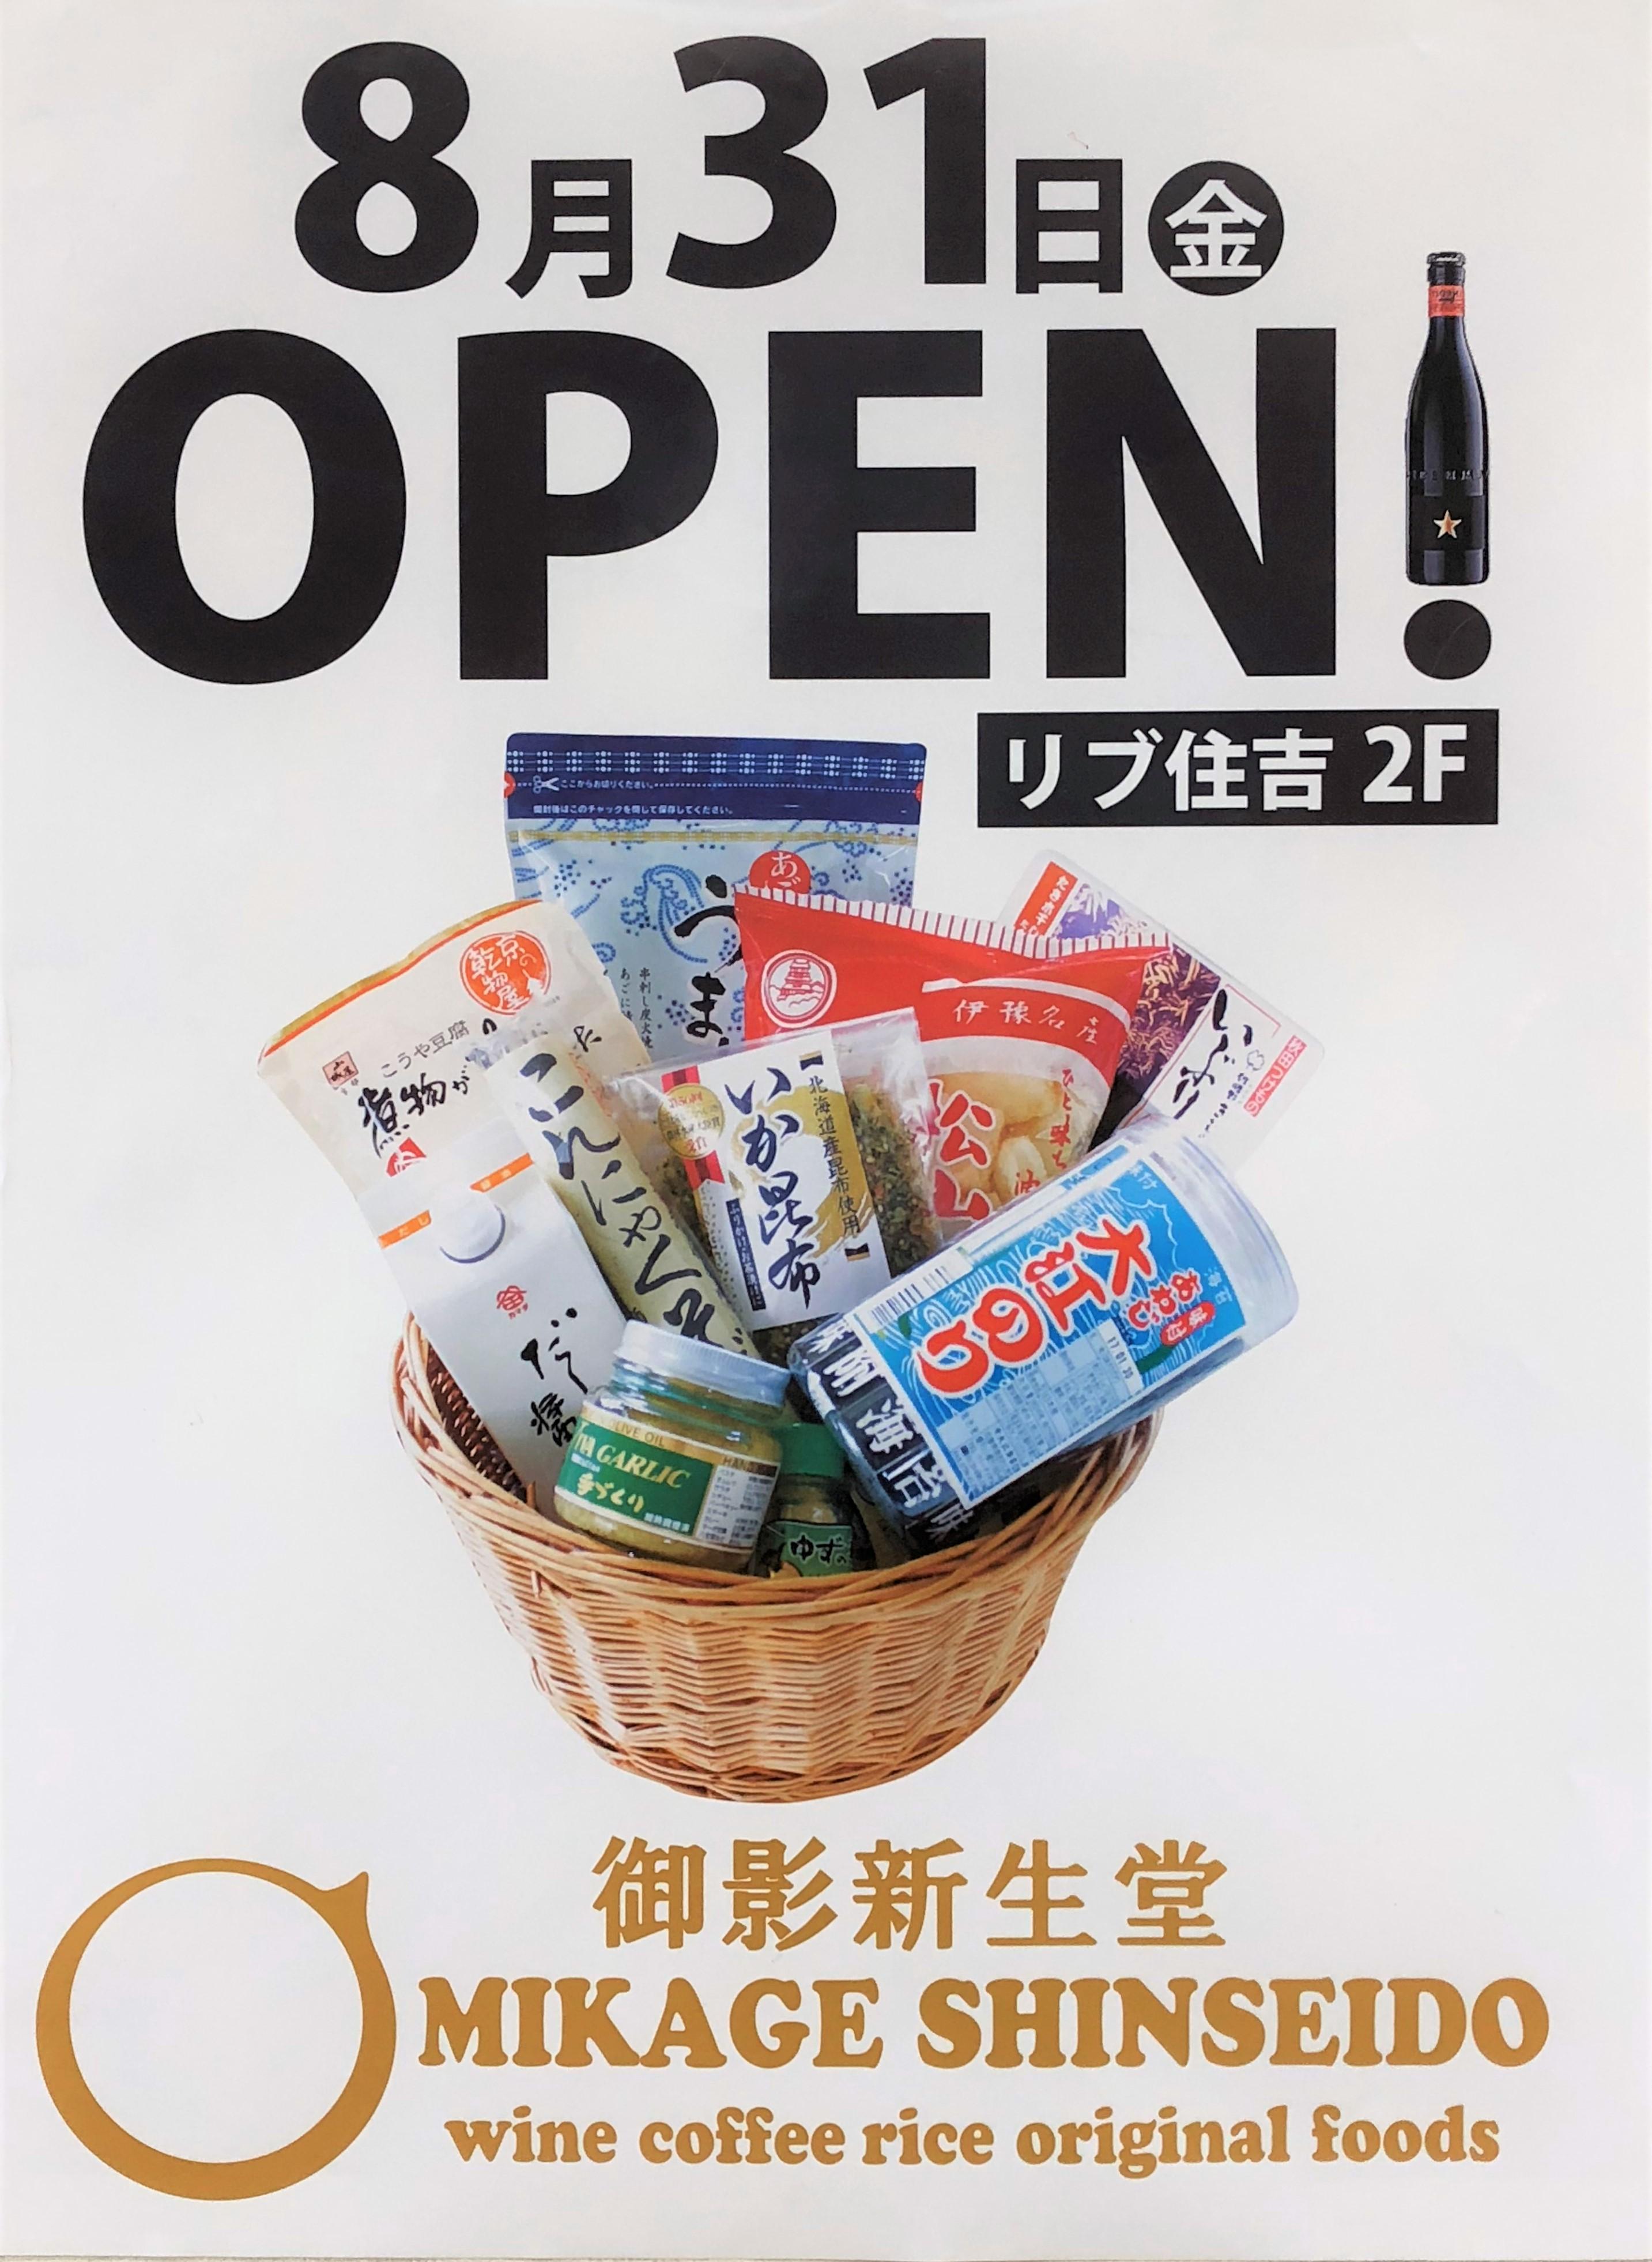 神戸・JR住吉駅直結のリブ住吉2階に「御影新生堂」が8/31(金)オープンするよ! #新規オープン #御影新生堂 #リブ住吉 #東灘区